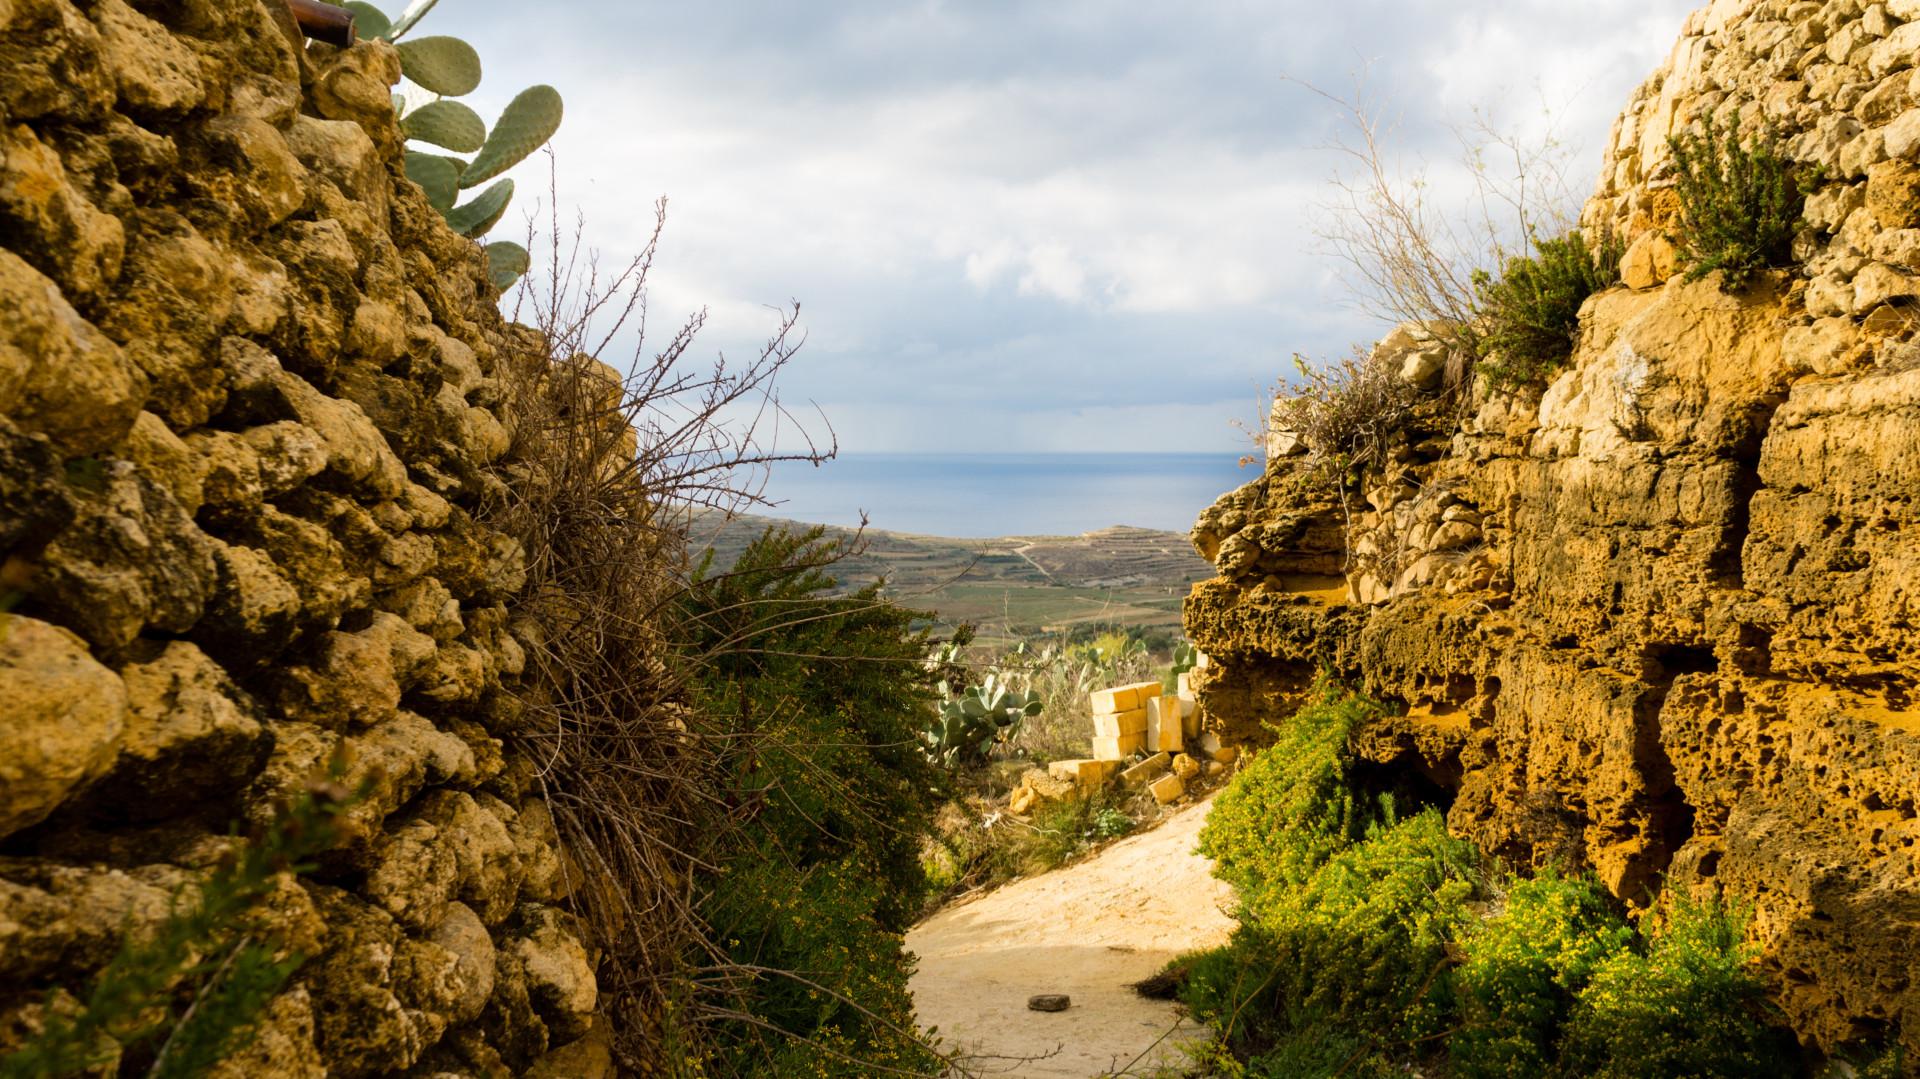 Uitzicht over het prachtige platteland van Gozo, Malta